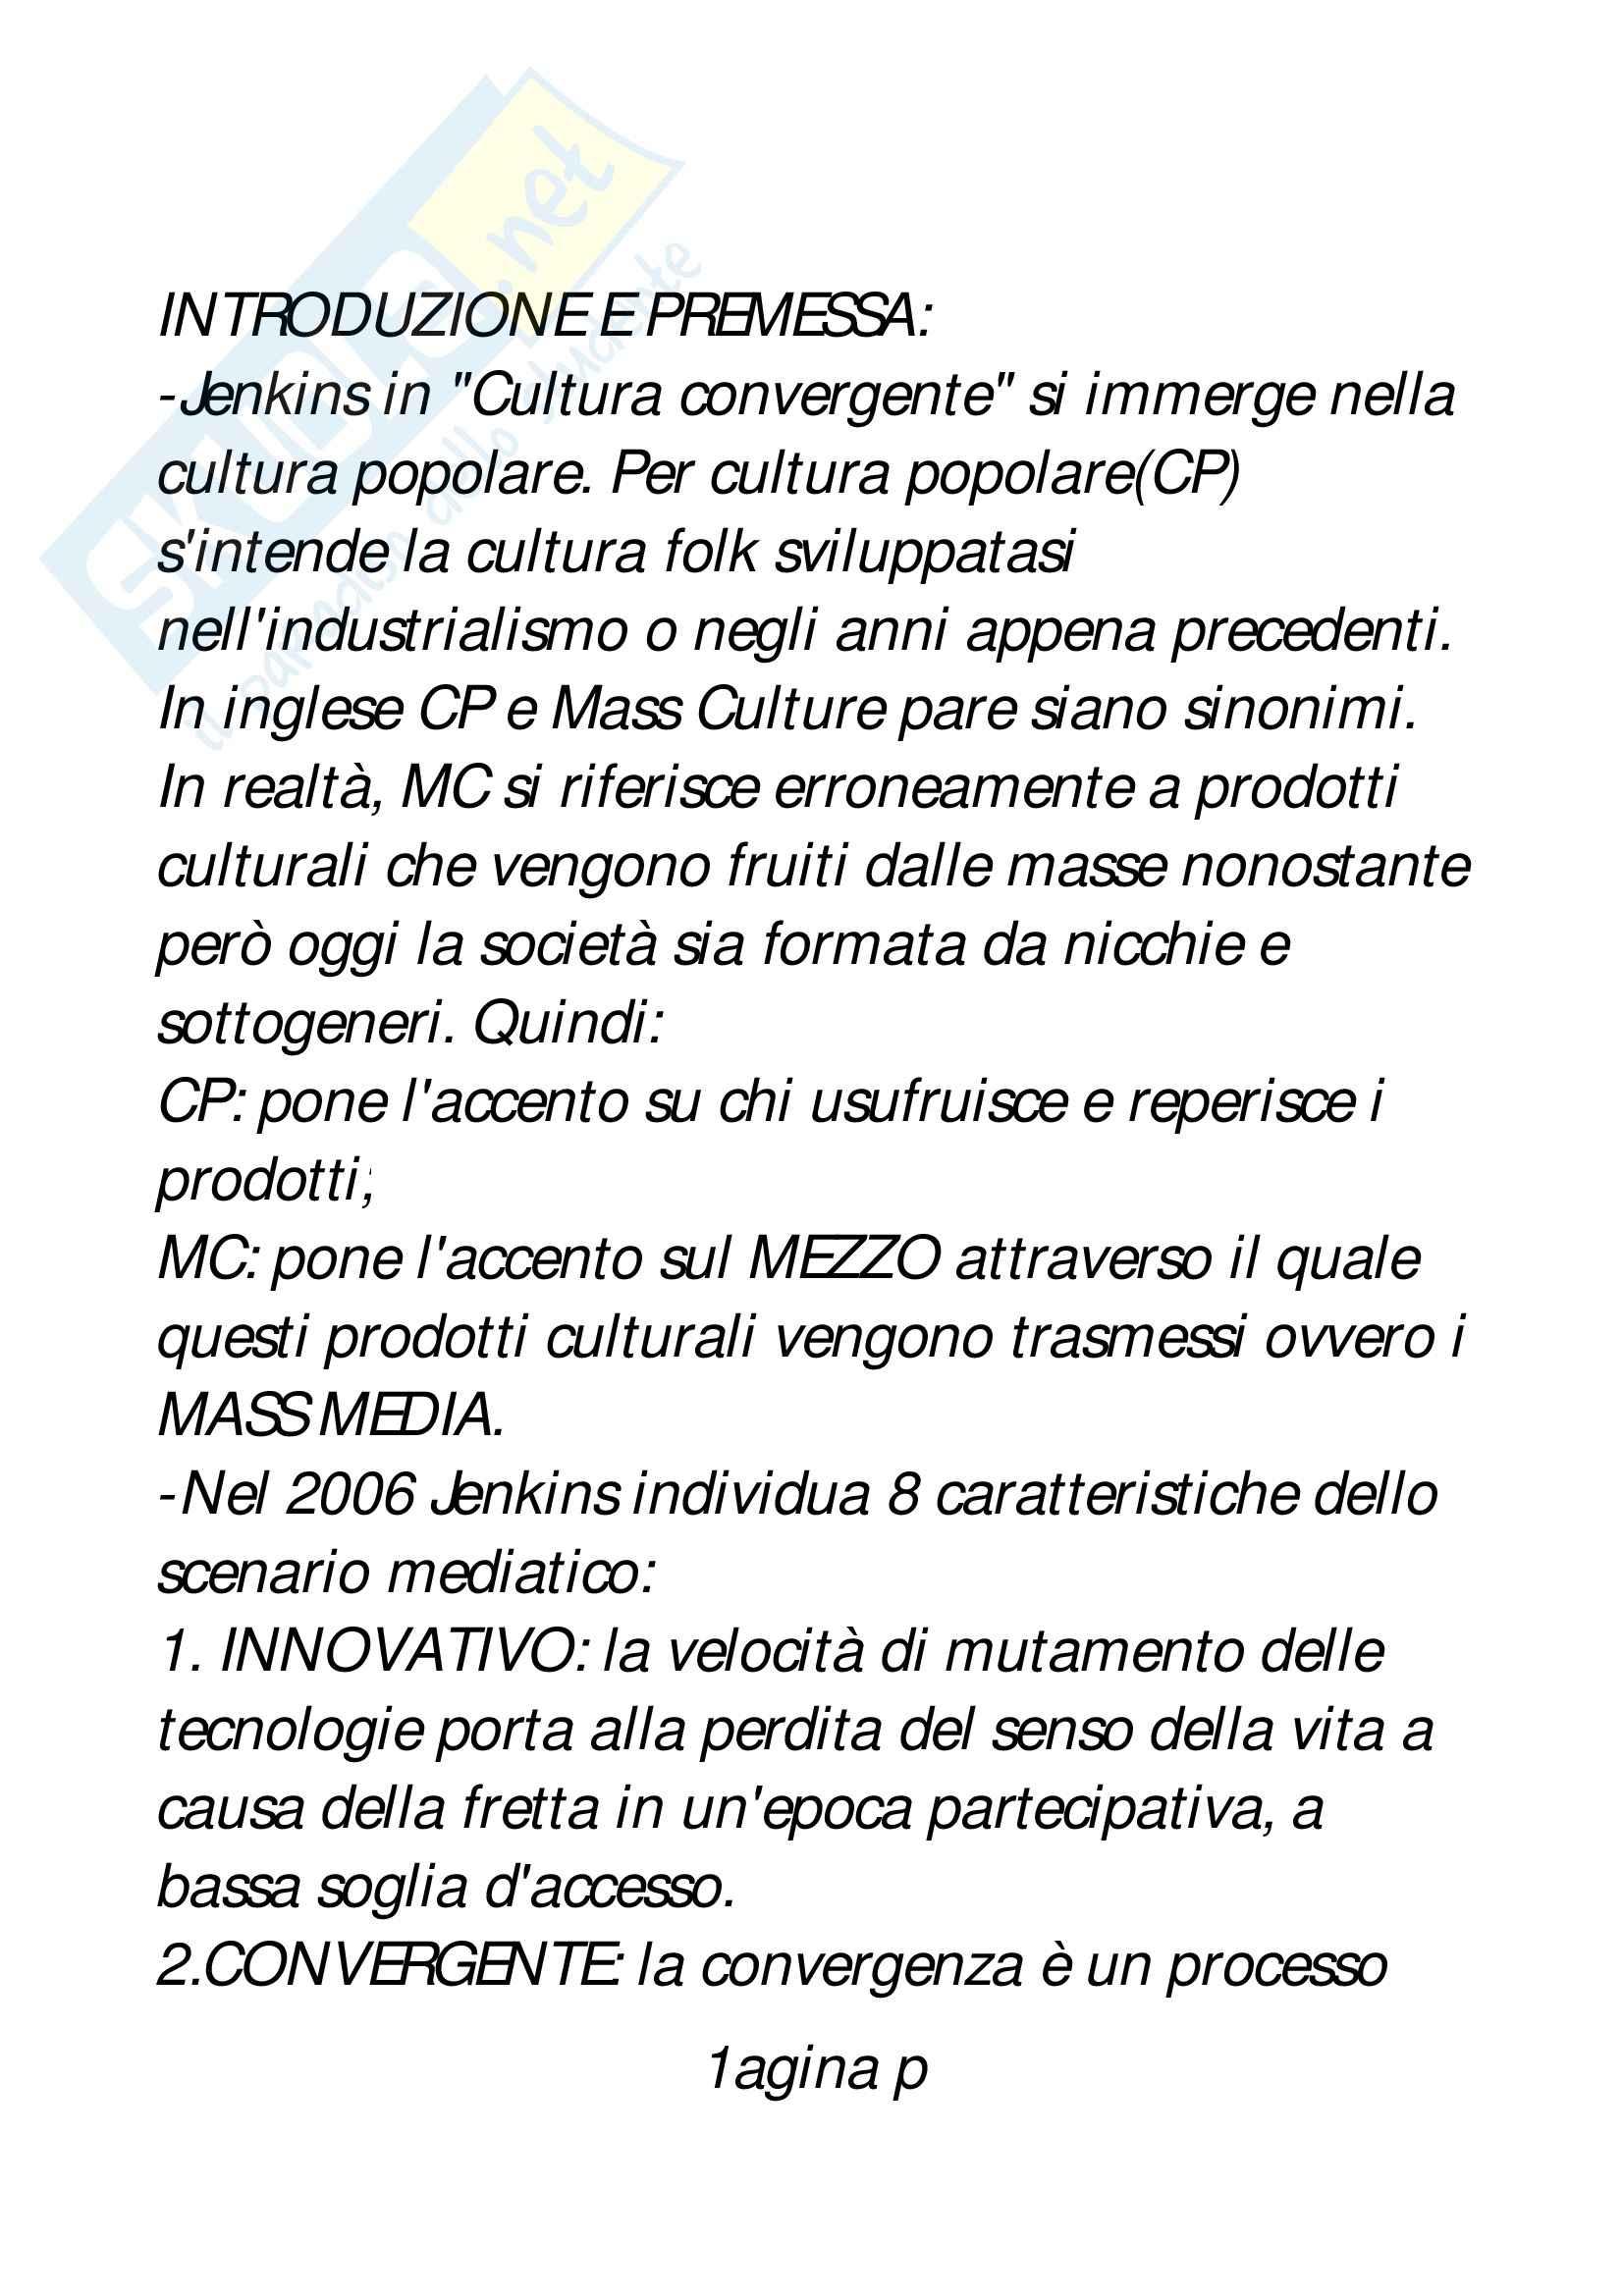 Riassunto esame Teorie e tecniche dei nuovi media, prof. Monaci, libro consigliato Cultura convergente, Jenkins